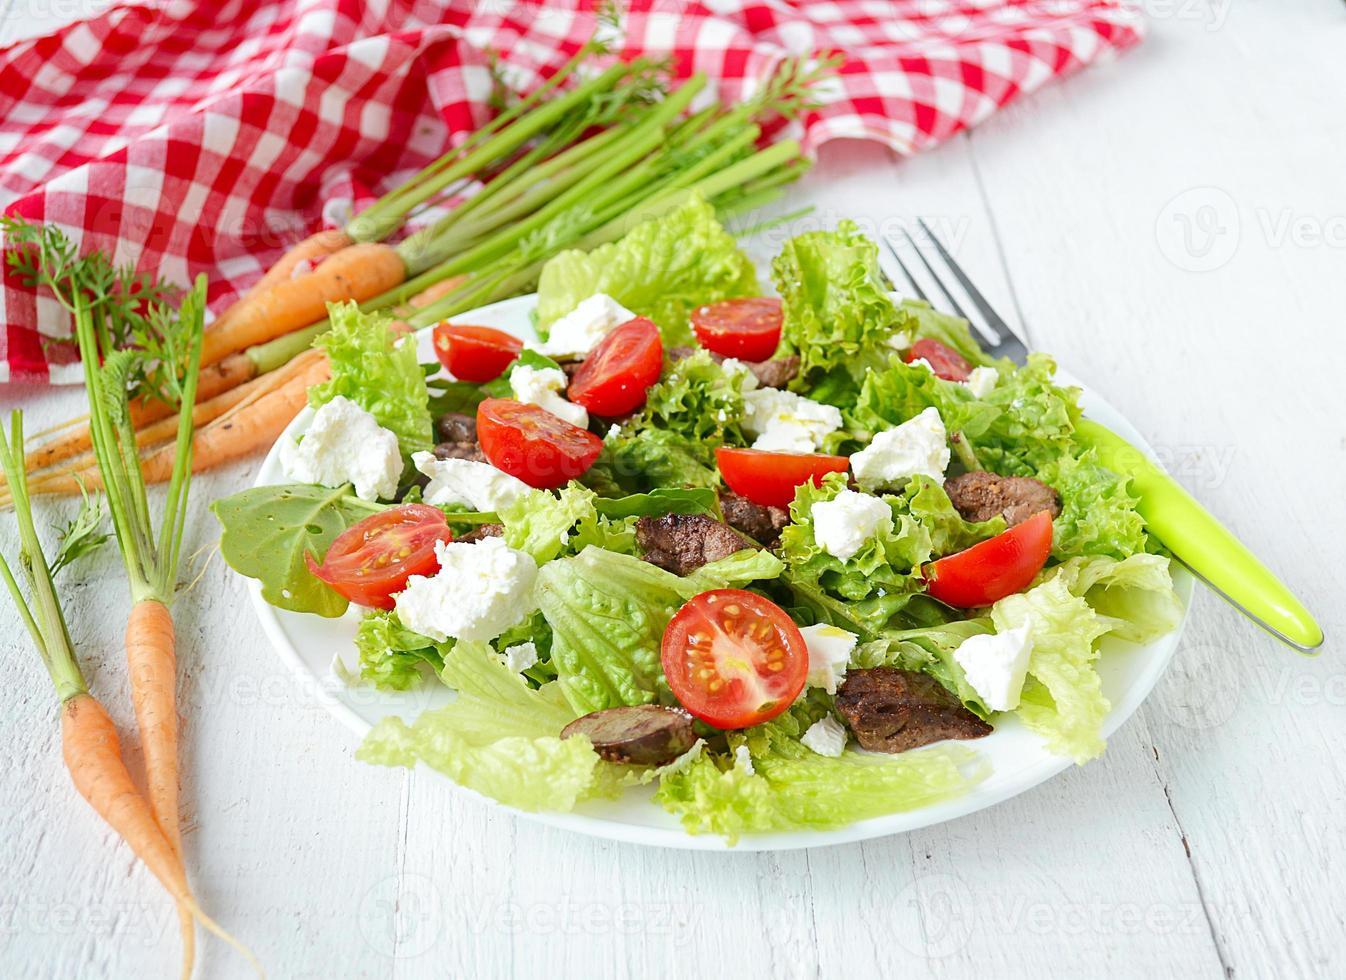 insalata con fegato di pollo. pomodorini e formaggio feta foto